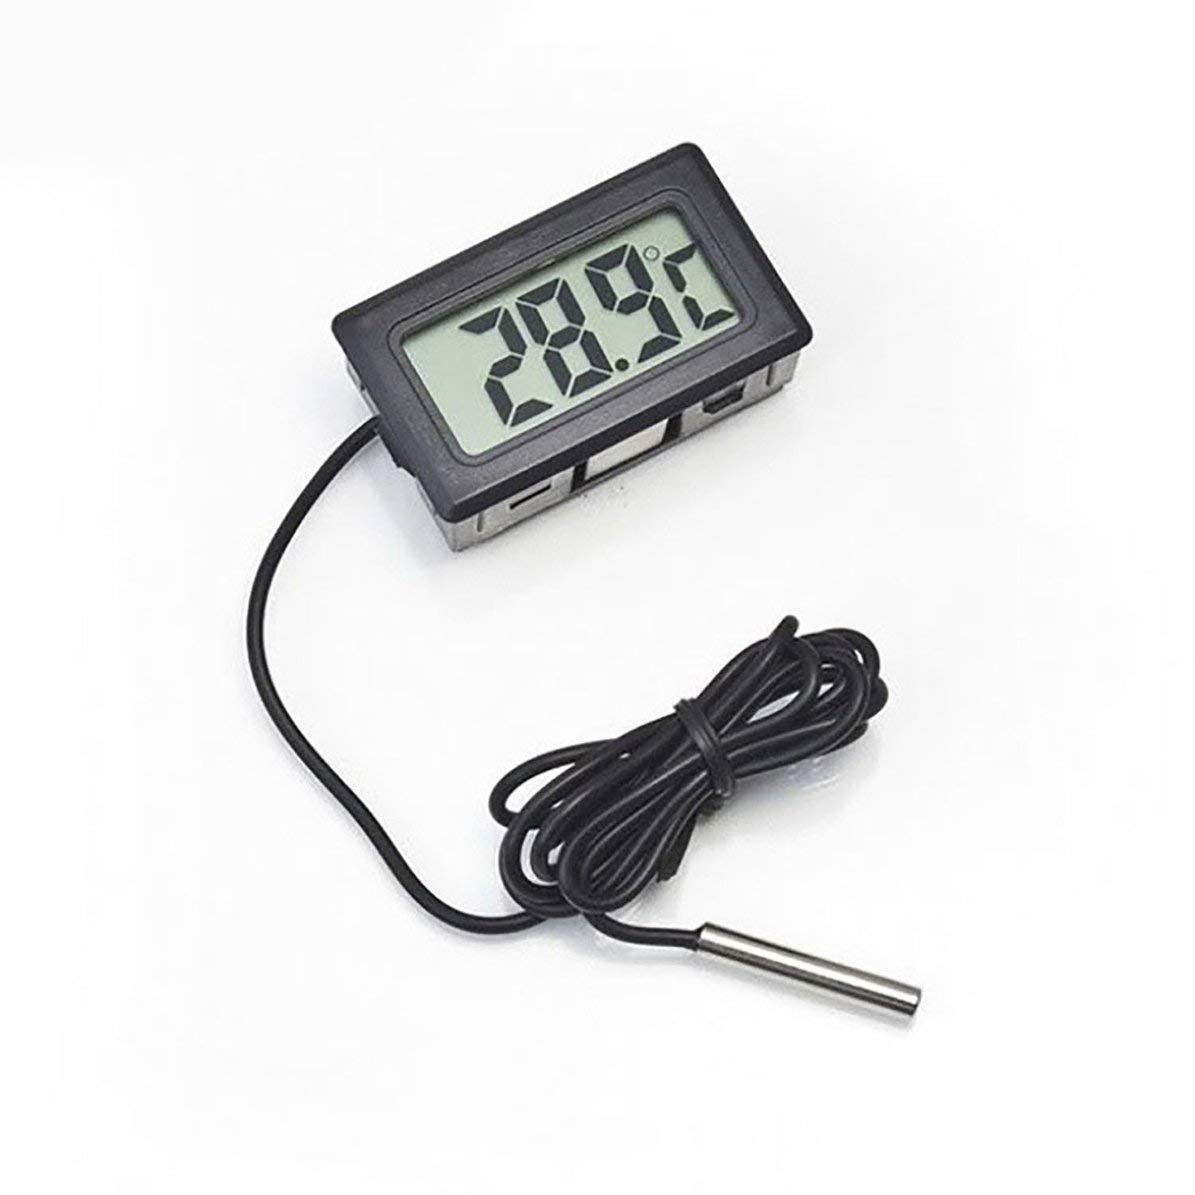 Corneliaa Termometro per Auto Ornamenti per Auto Display LCD Orologio Digitale Misuratore di Temperatura Auto-Styling per Serbatoio di Pesce Frigorifero